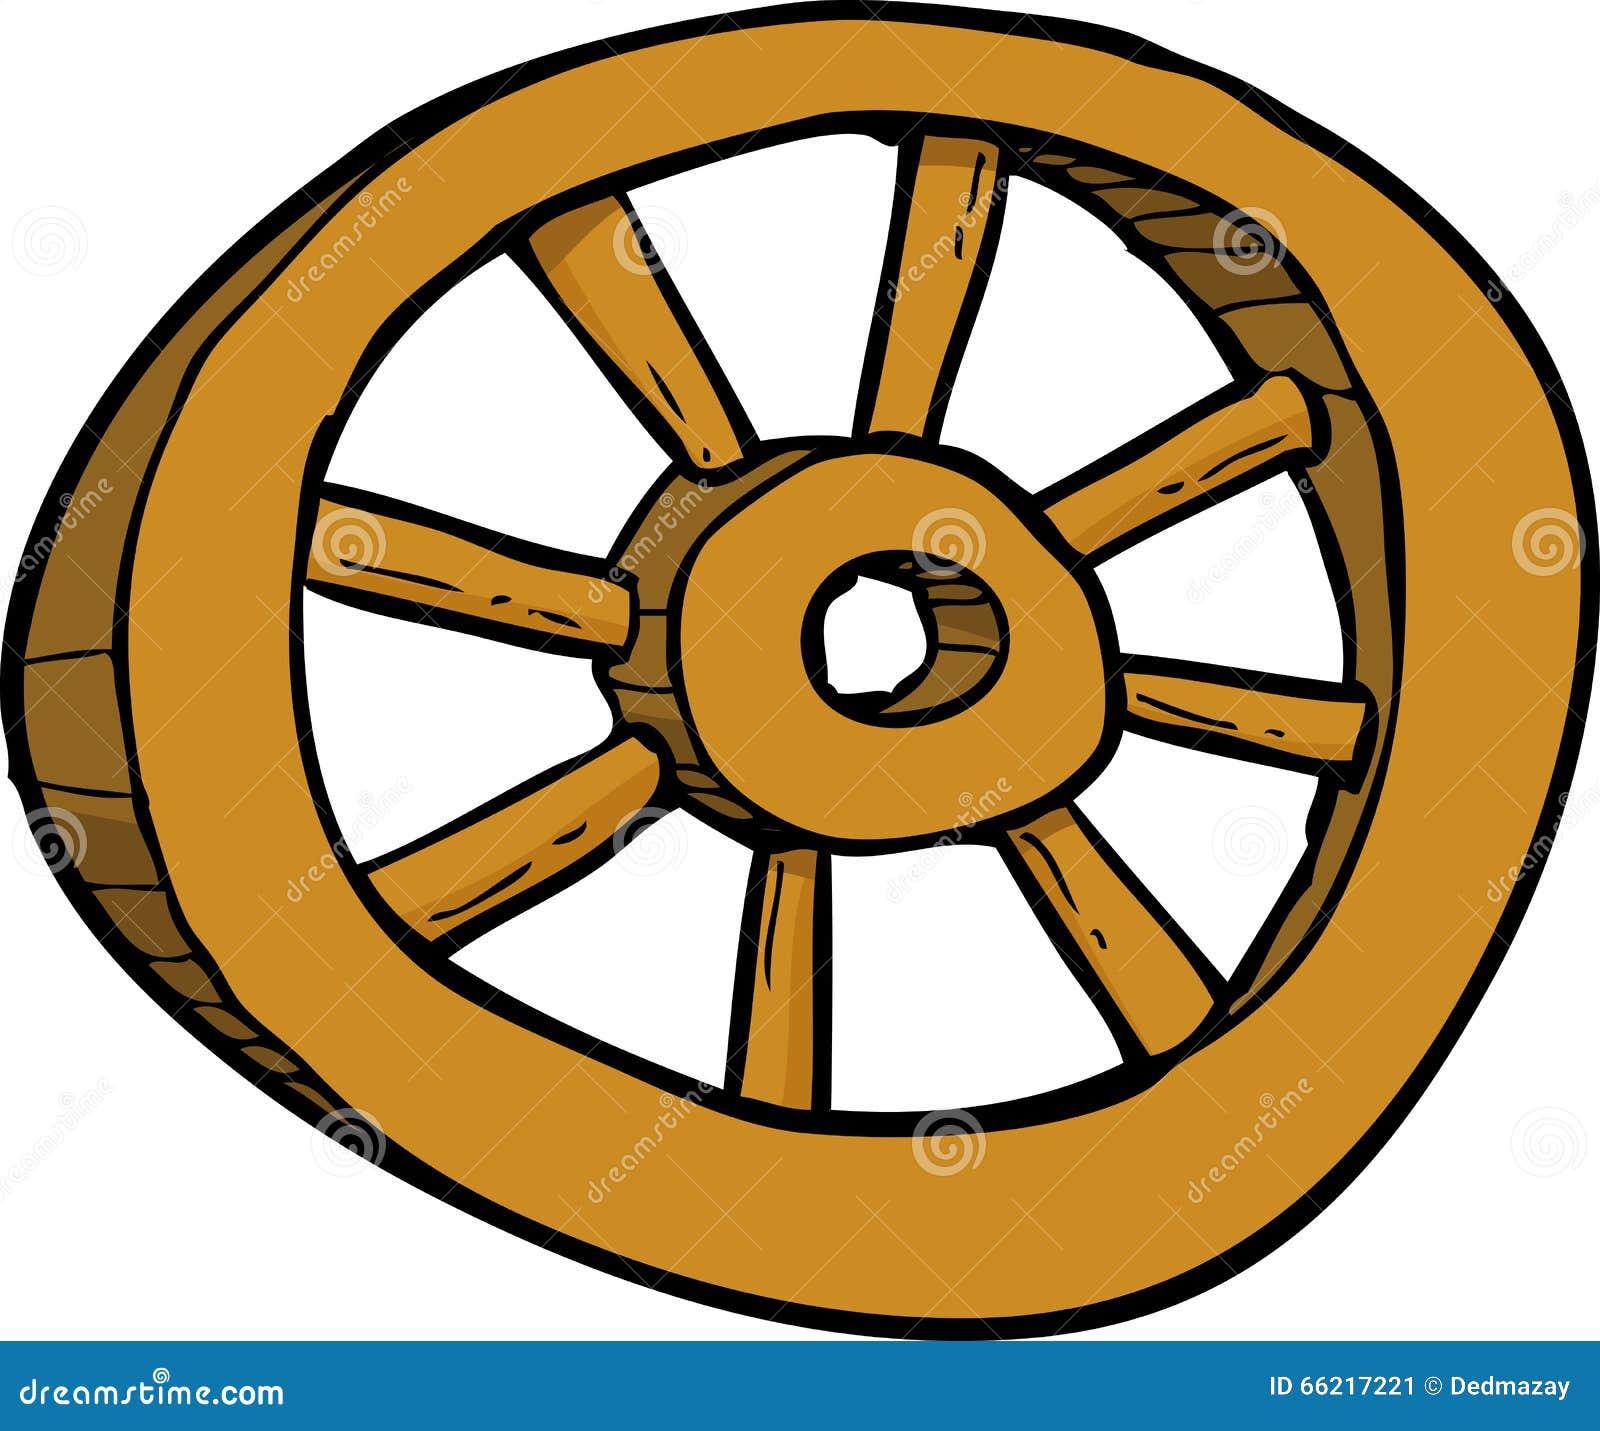 Как сделать анимацию на колесах